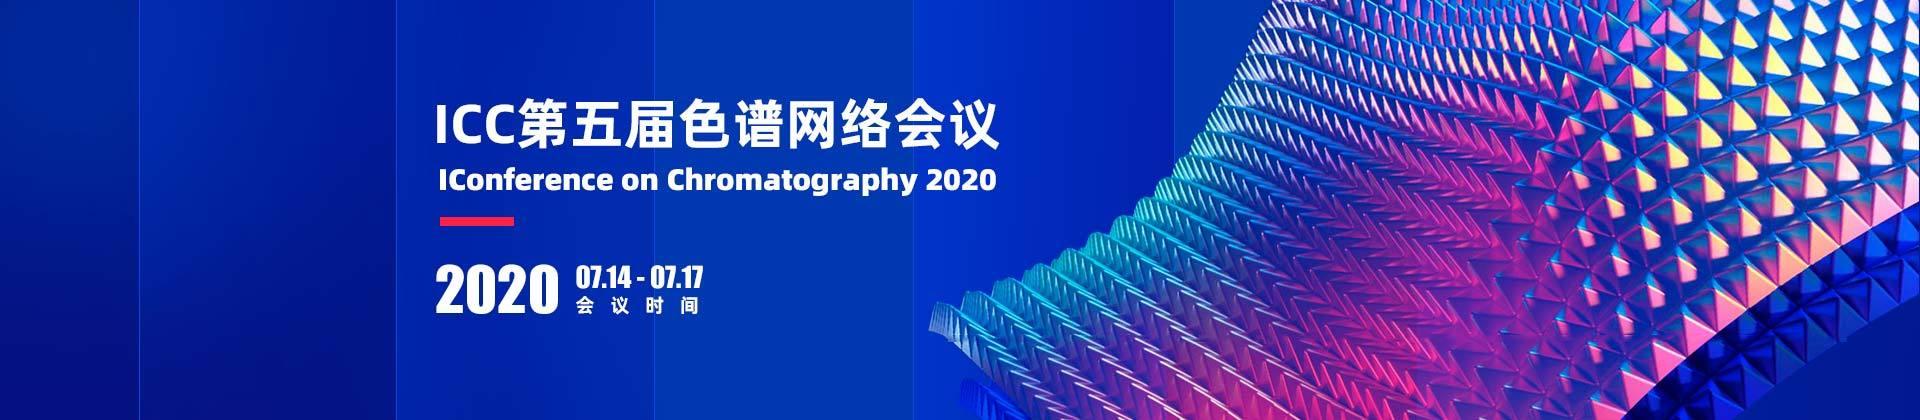 2020-07-14 09:00 第五届 色谱网络会议(iCC2020)